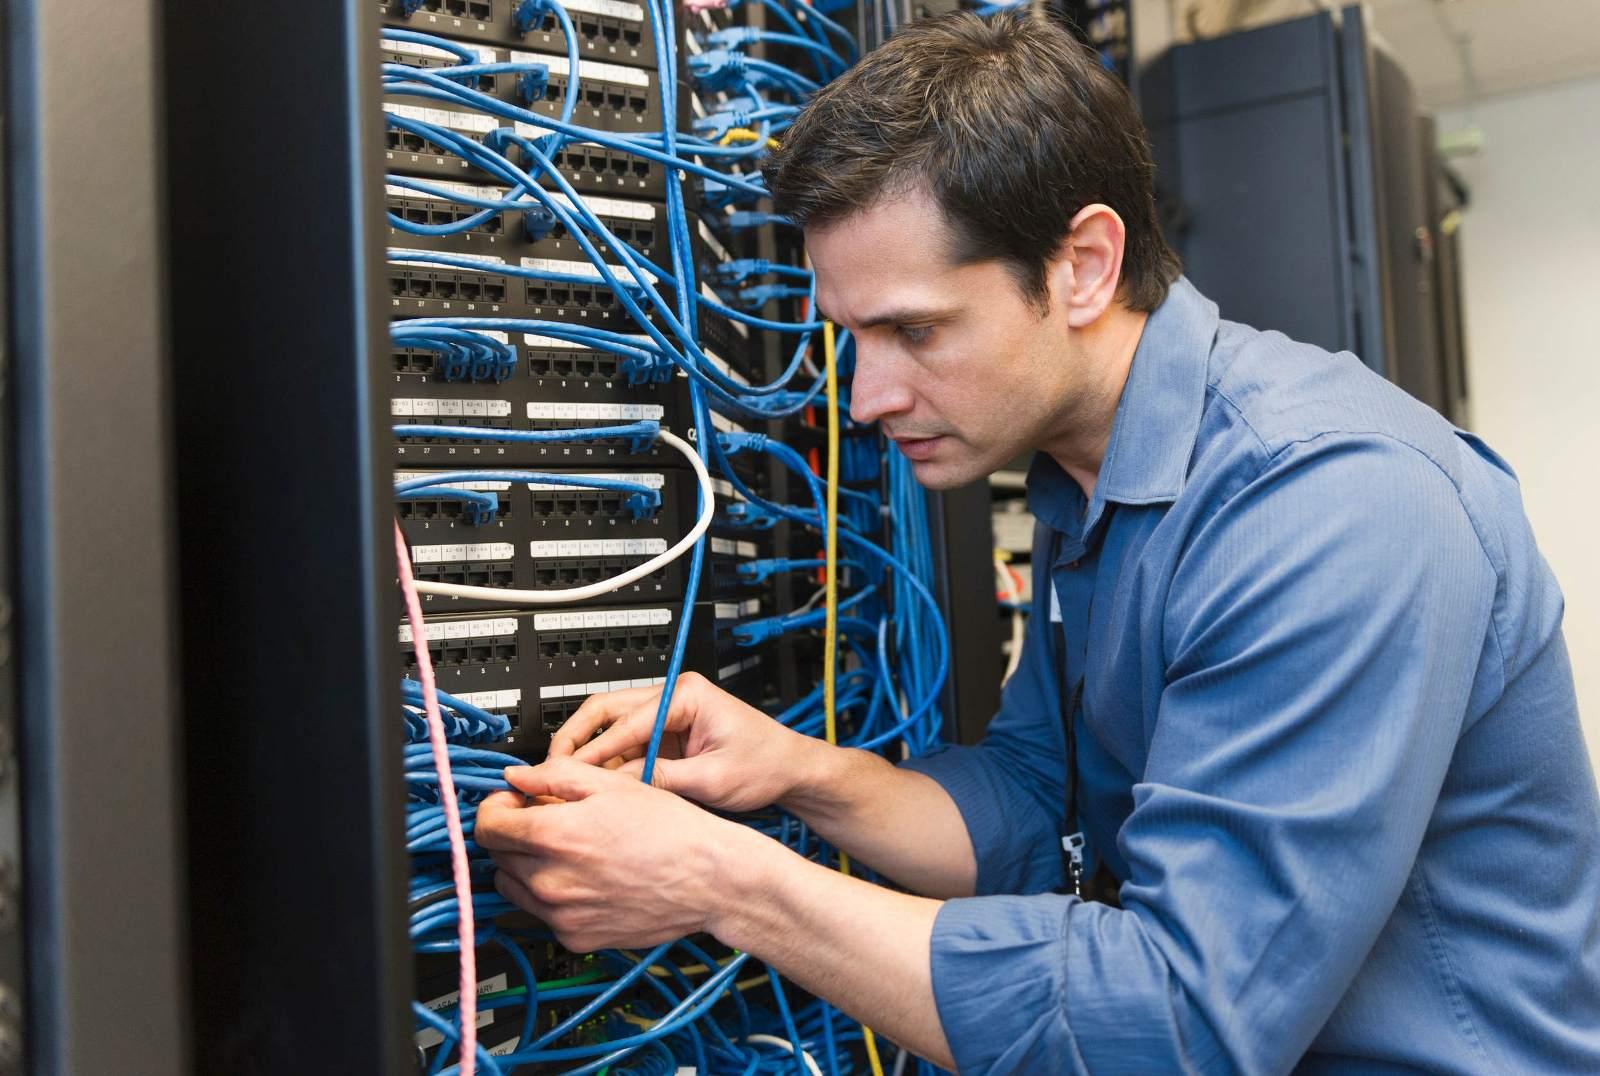 За работой в серверной